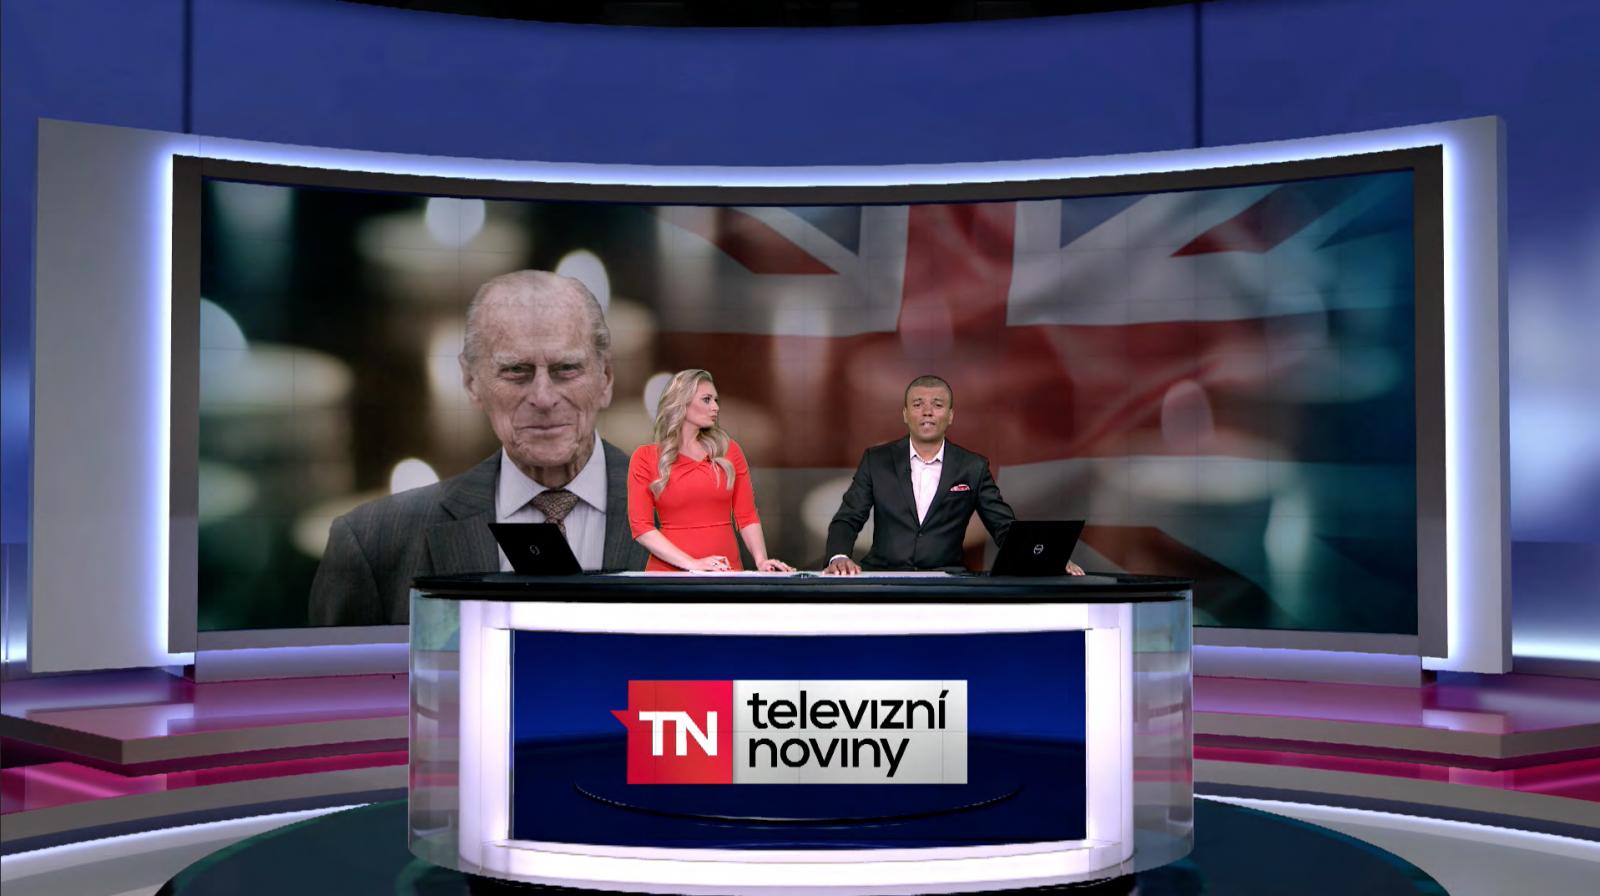 Srovnání Televizních novin ve skutečném a v náhradním studiu